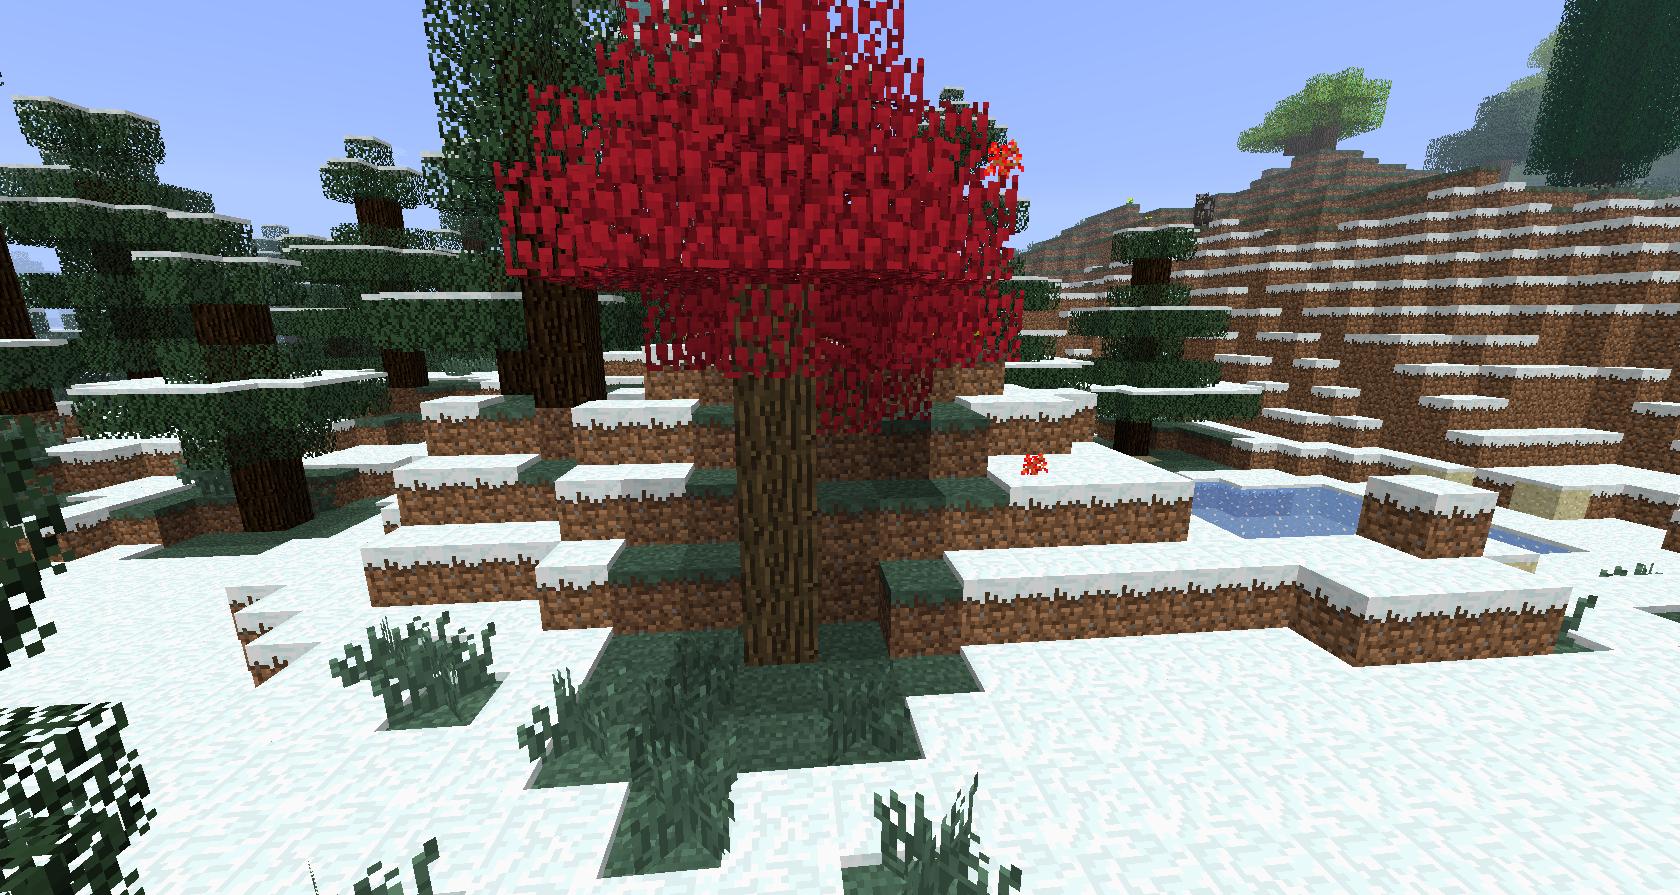 2012 02 17 19.55.06 [1.1] Trees++